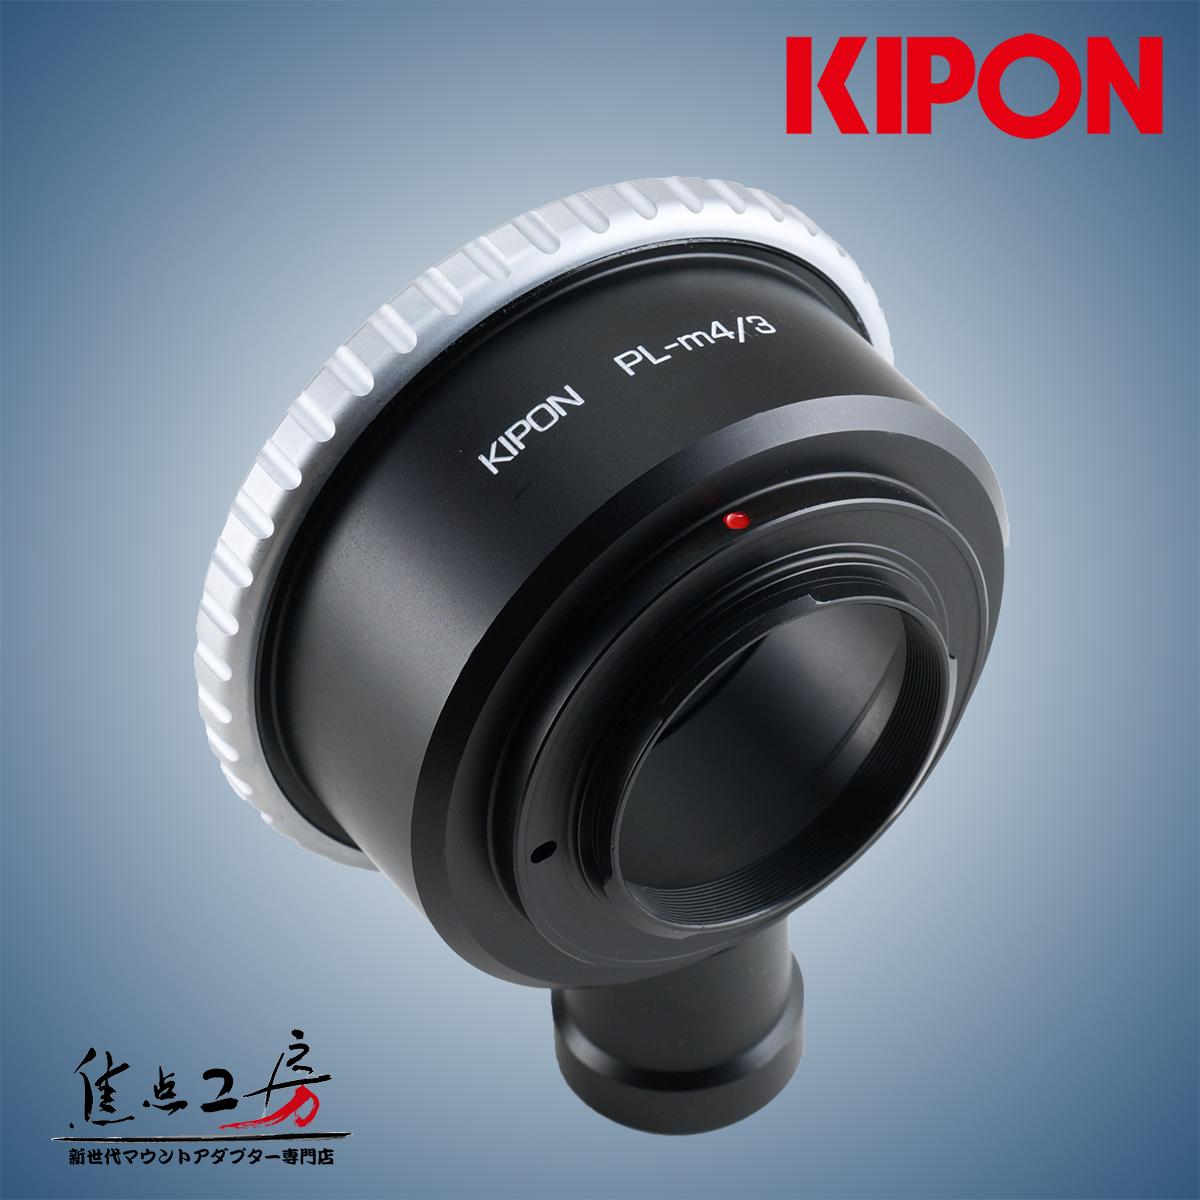 マウントアダプター KIPON PL-m4/3 PLマウントレンズ - マイクロフォーサーズマウントカメラ スタンダード仕様